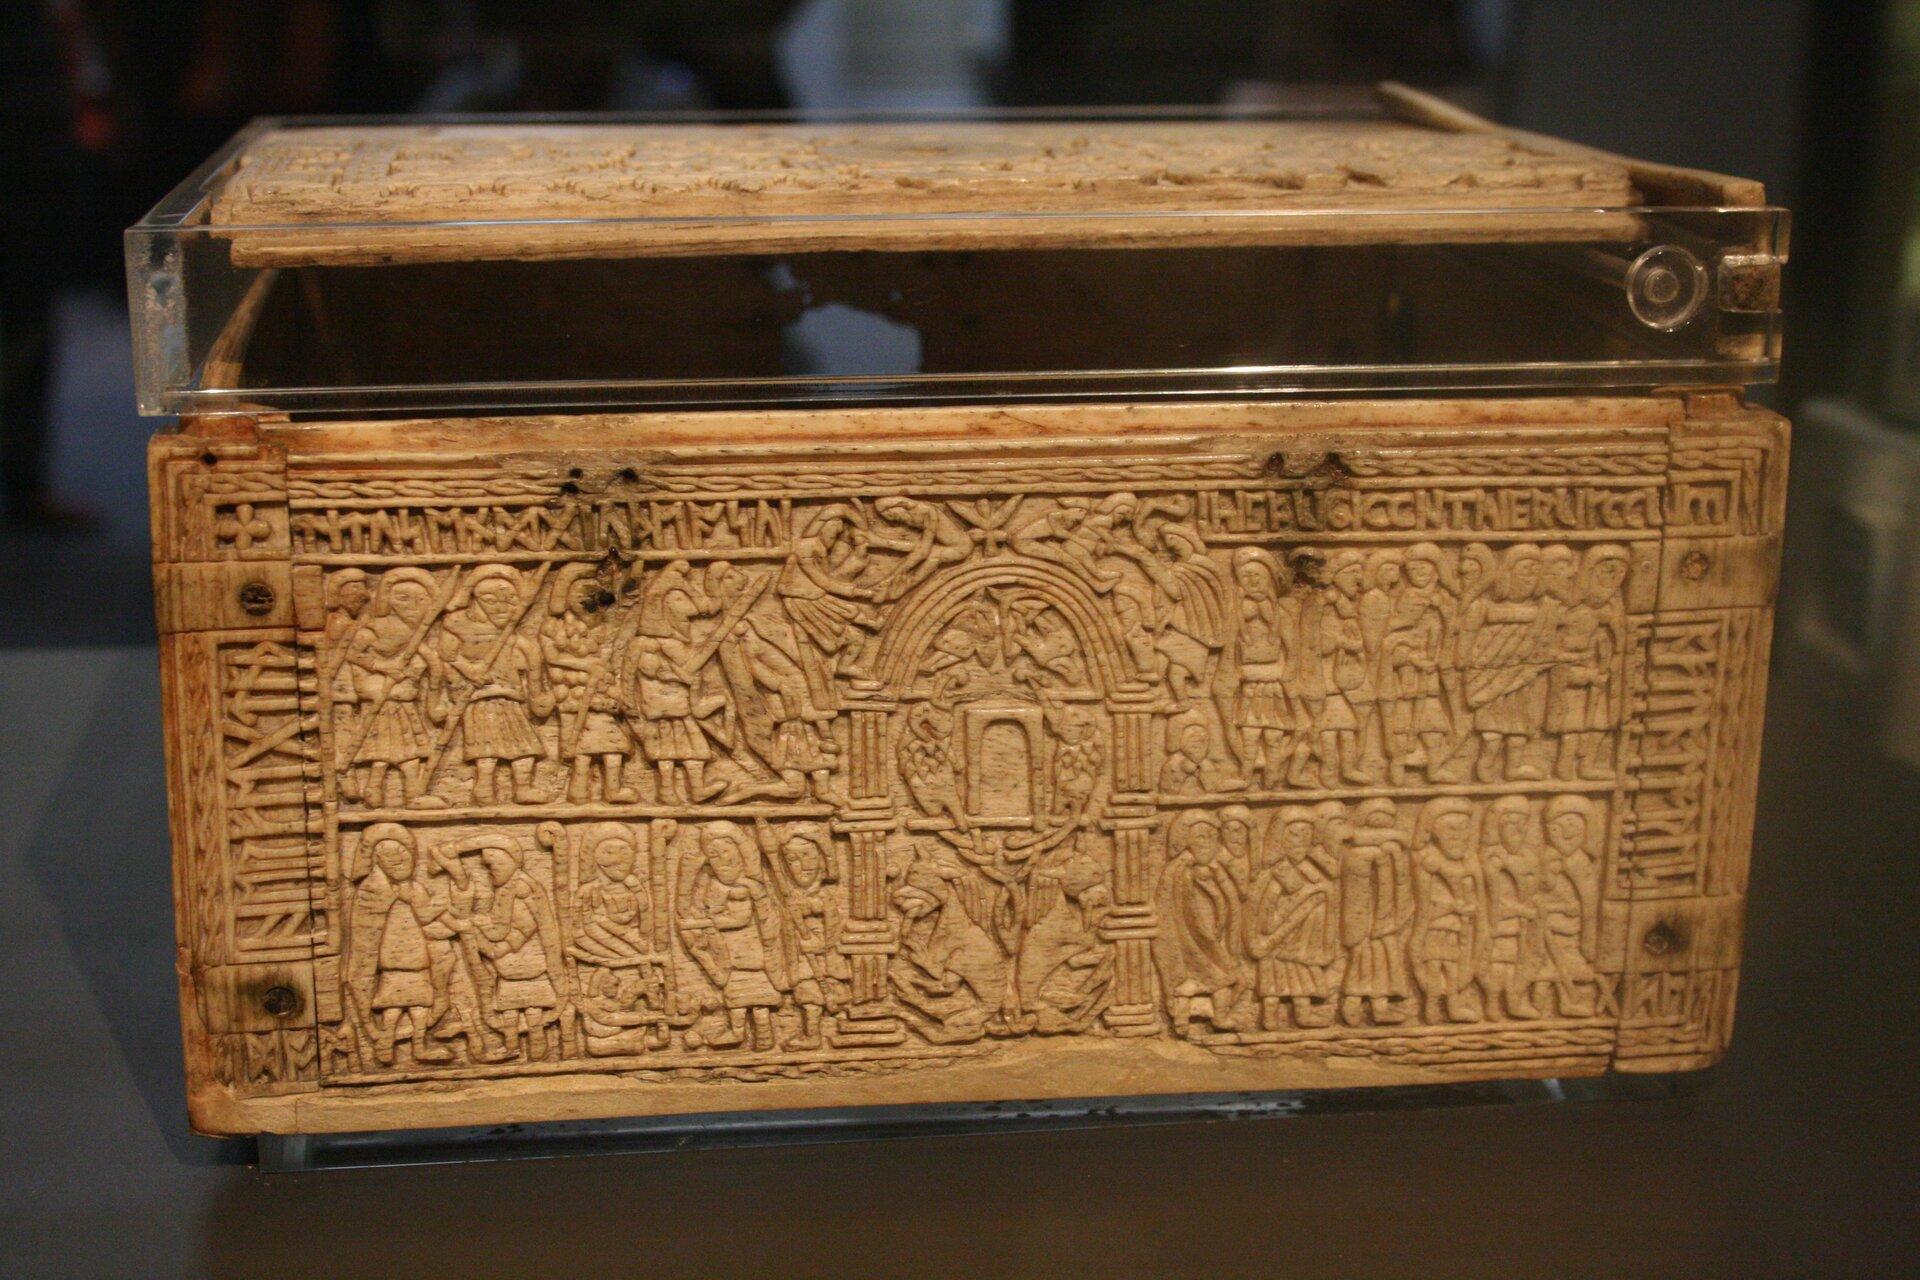 Szkatułka anglosaska zVIII wieku Szkatułka anglosaska zVIII wieku Źródło: Michel wal, Muzeum Brytyjskie, licencja: CC BY-SA 3.0.